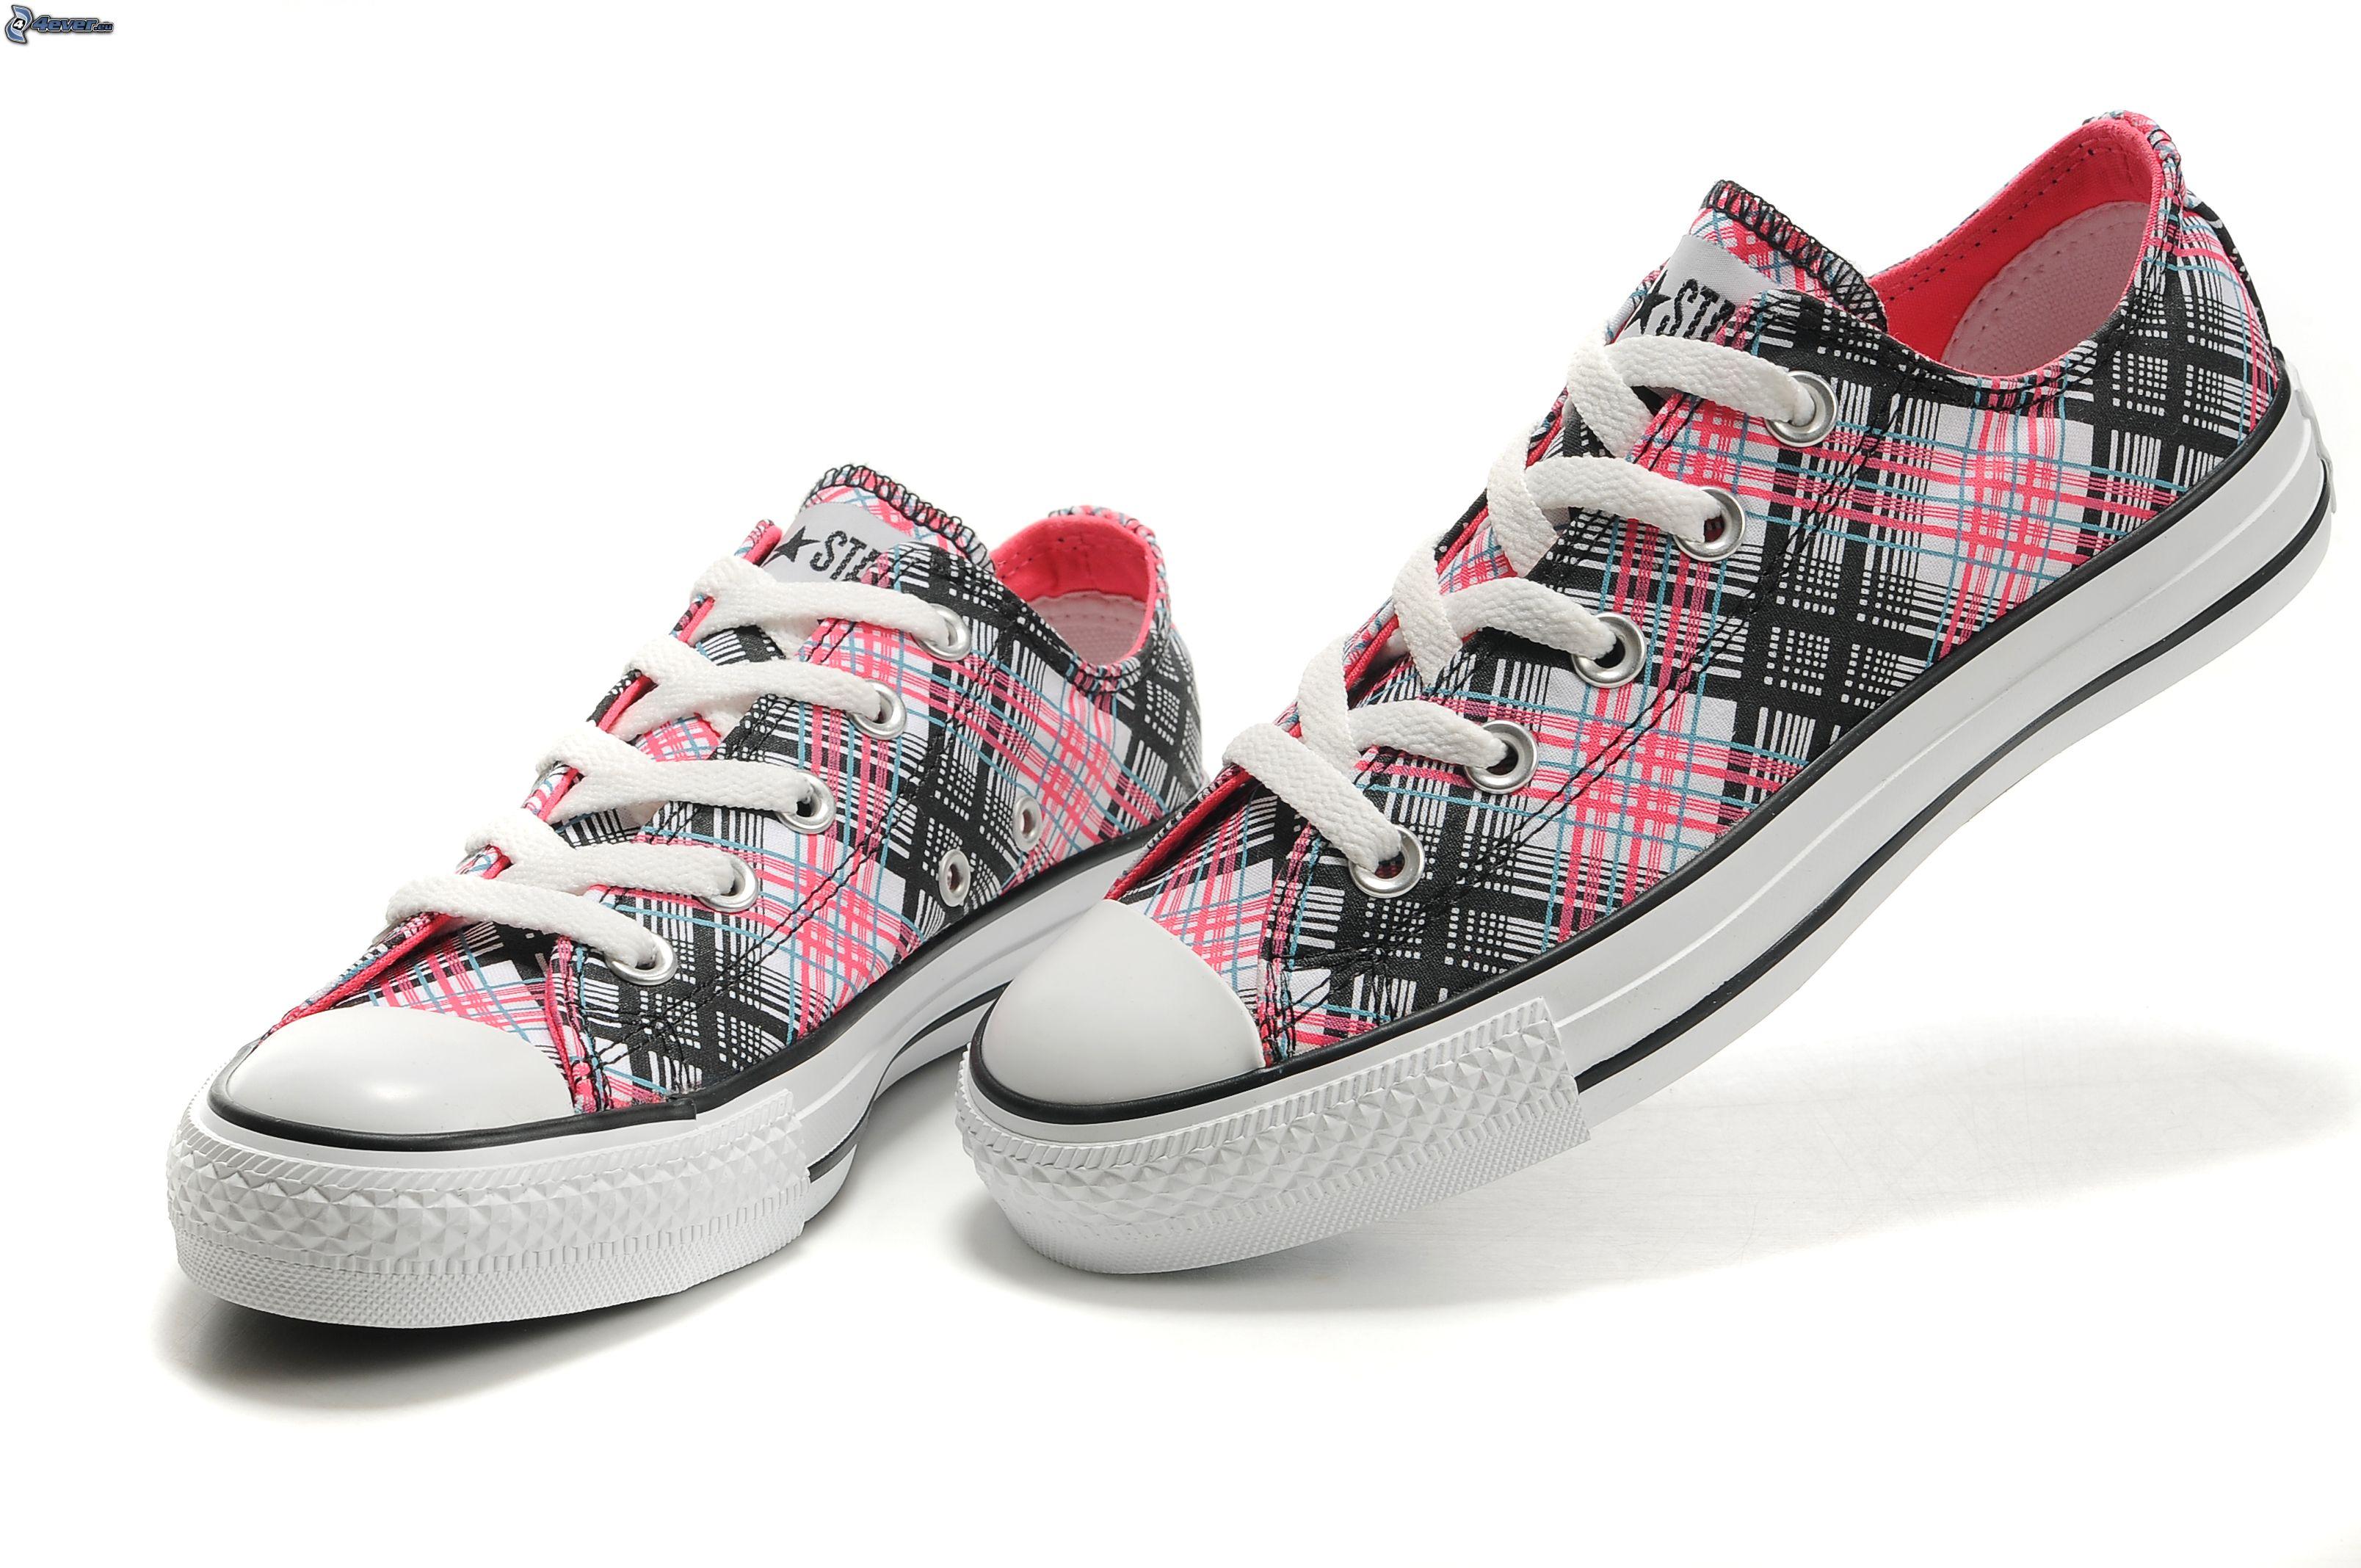 Zapatos Zapatos Deportivos Deportivos Deportivos Converse Converse Zapatos BnU8xwz8qZ